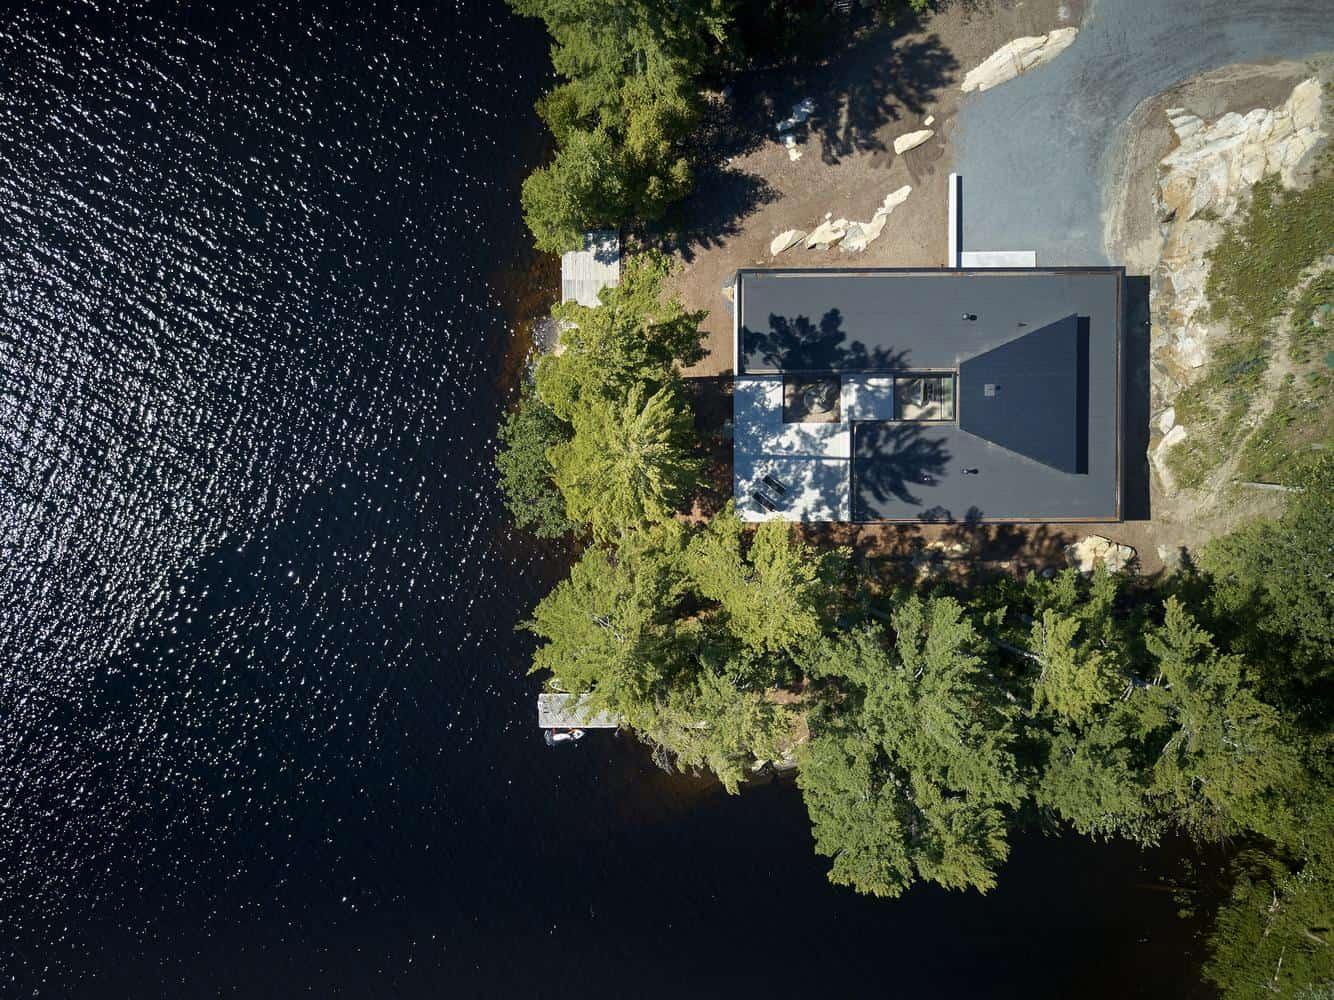 Ngôi nhà bên hồ rộng 2.700m2 ở Canada: Sự kết hợp hài hoà giữa cảnh sắc tự nhiên và thiết kế hiện đại